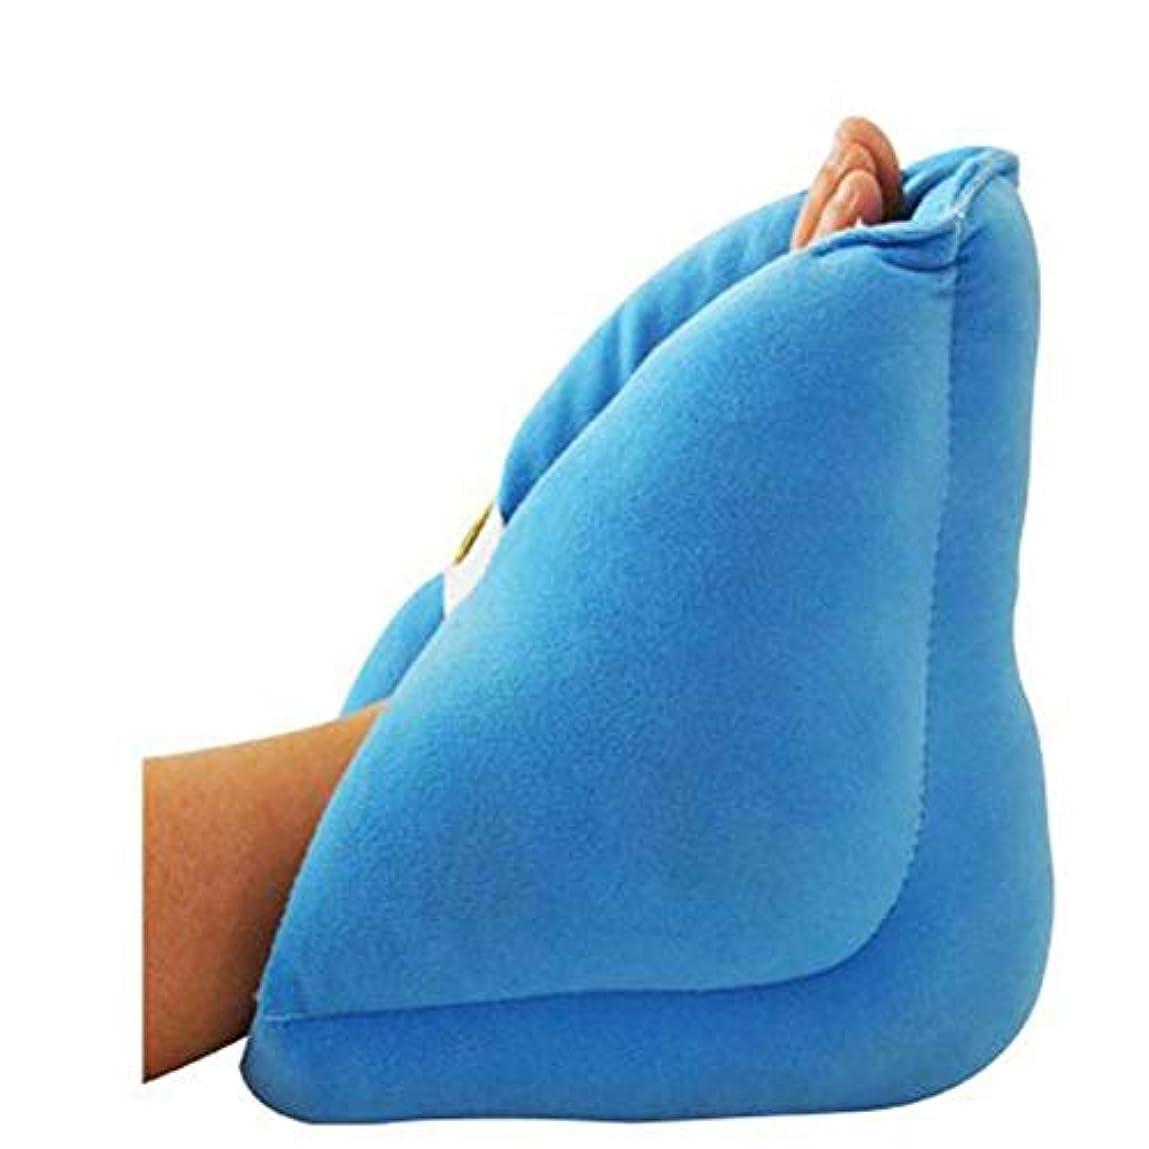 松明すき夕方抗床ずれヒールプロテクター枕、圧力緩和ヒールプロテクター、患者ケアヒールパッド足首プロテクタークッション、効果的な床ずれおよび足潰瘍緩和フットピロー (2PCS)